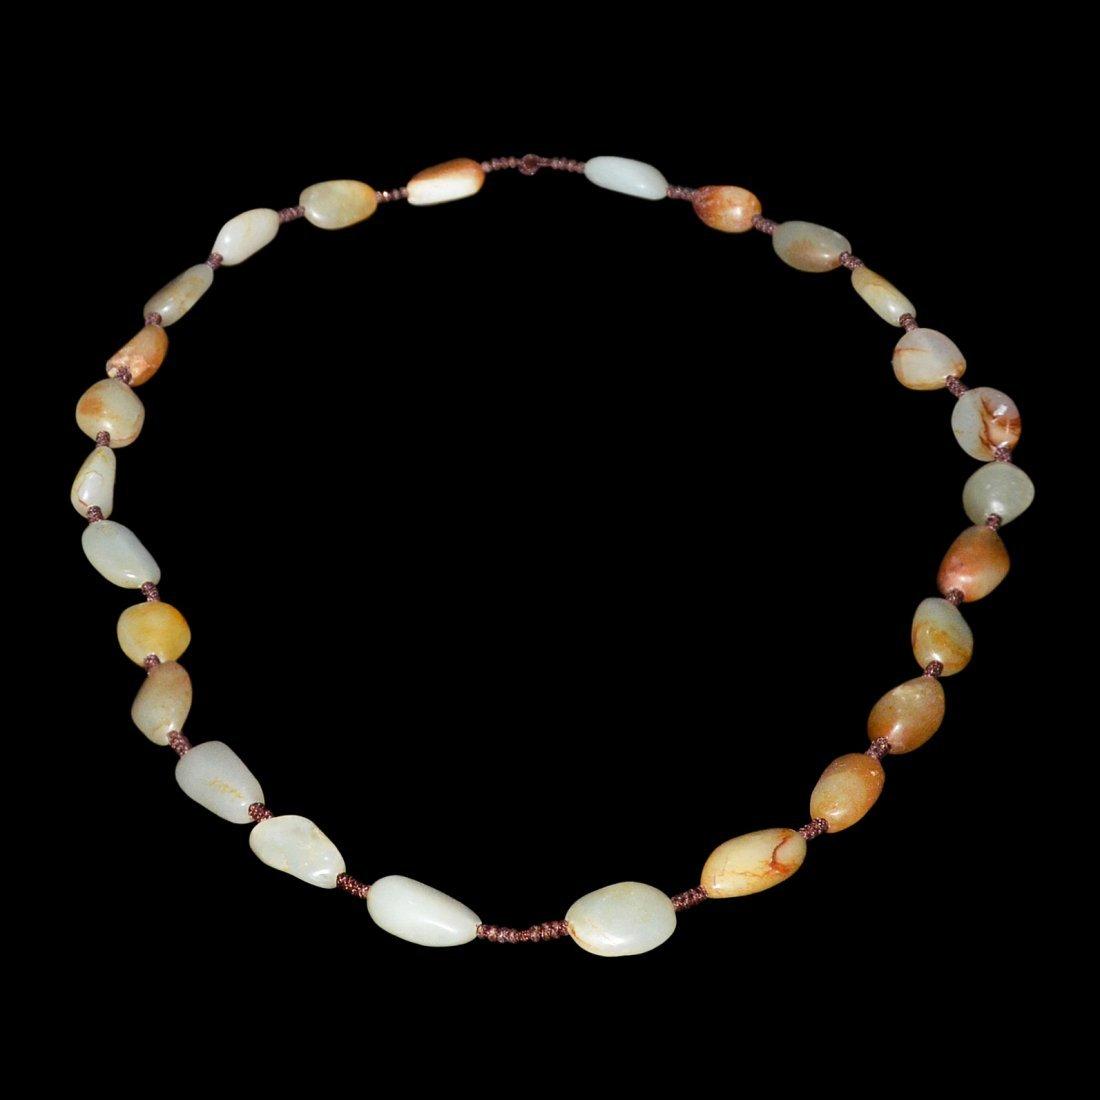 Hetian Jade Bead Necklace